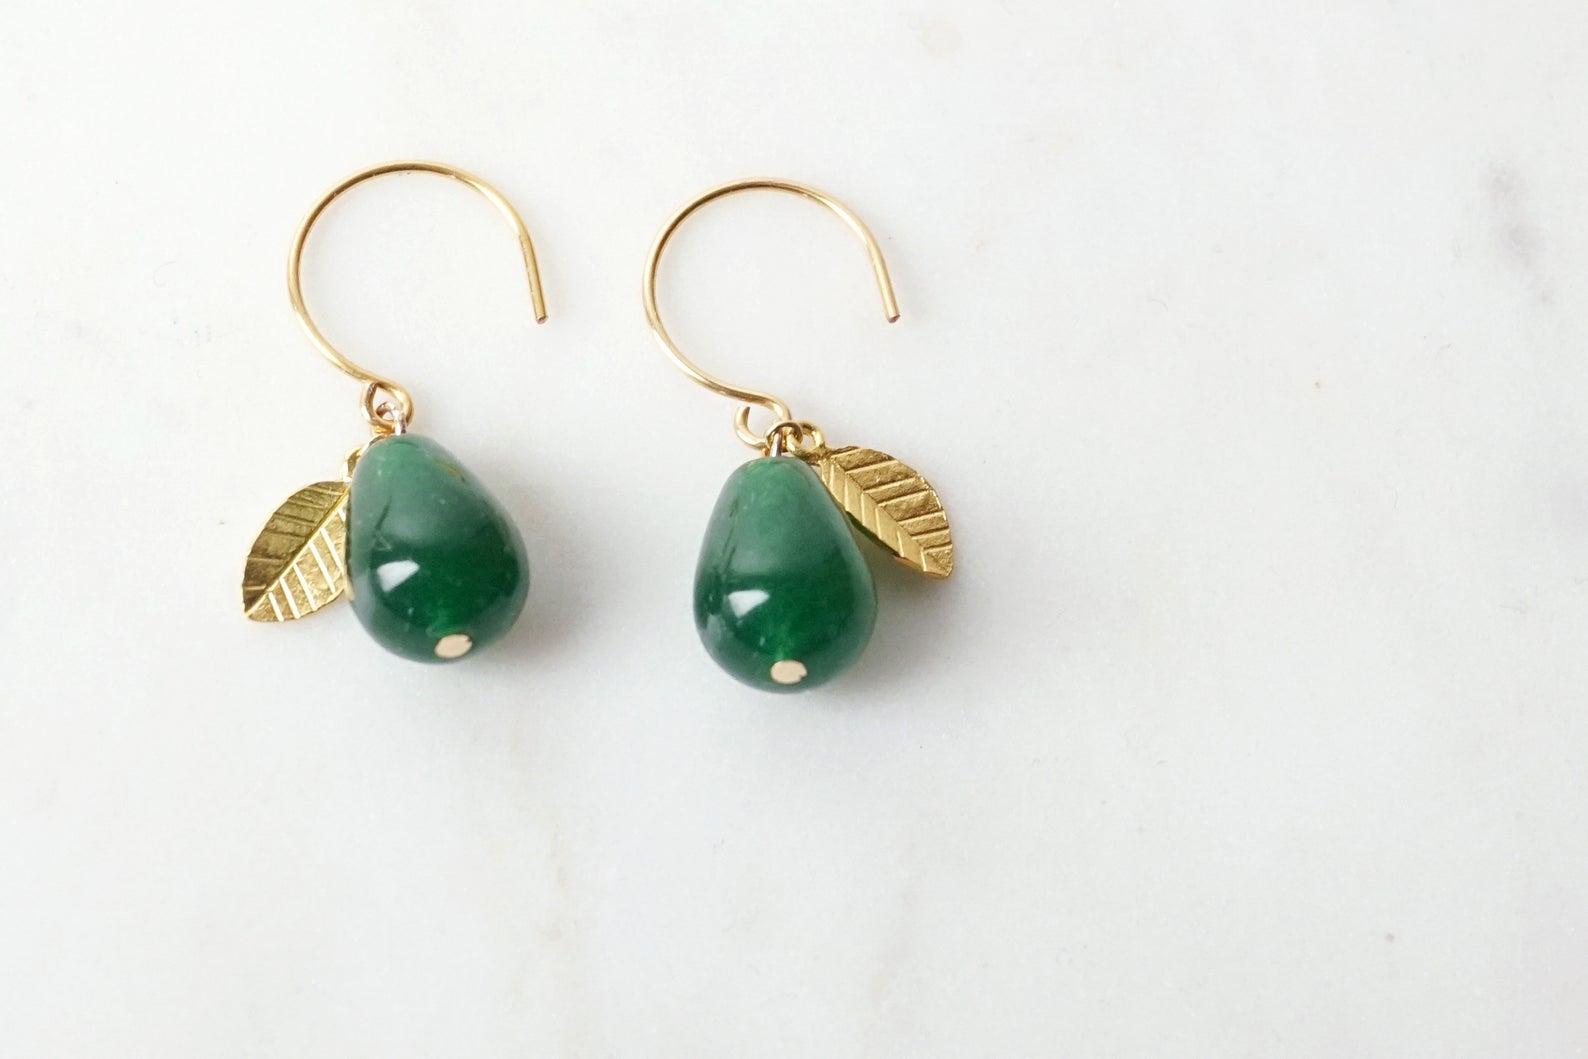 Ohrhänger vergoldet mit Tropfen aus grüner